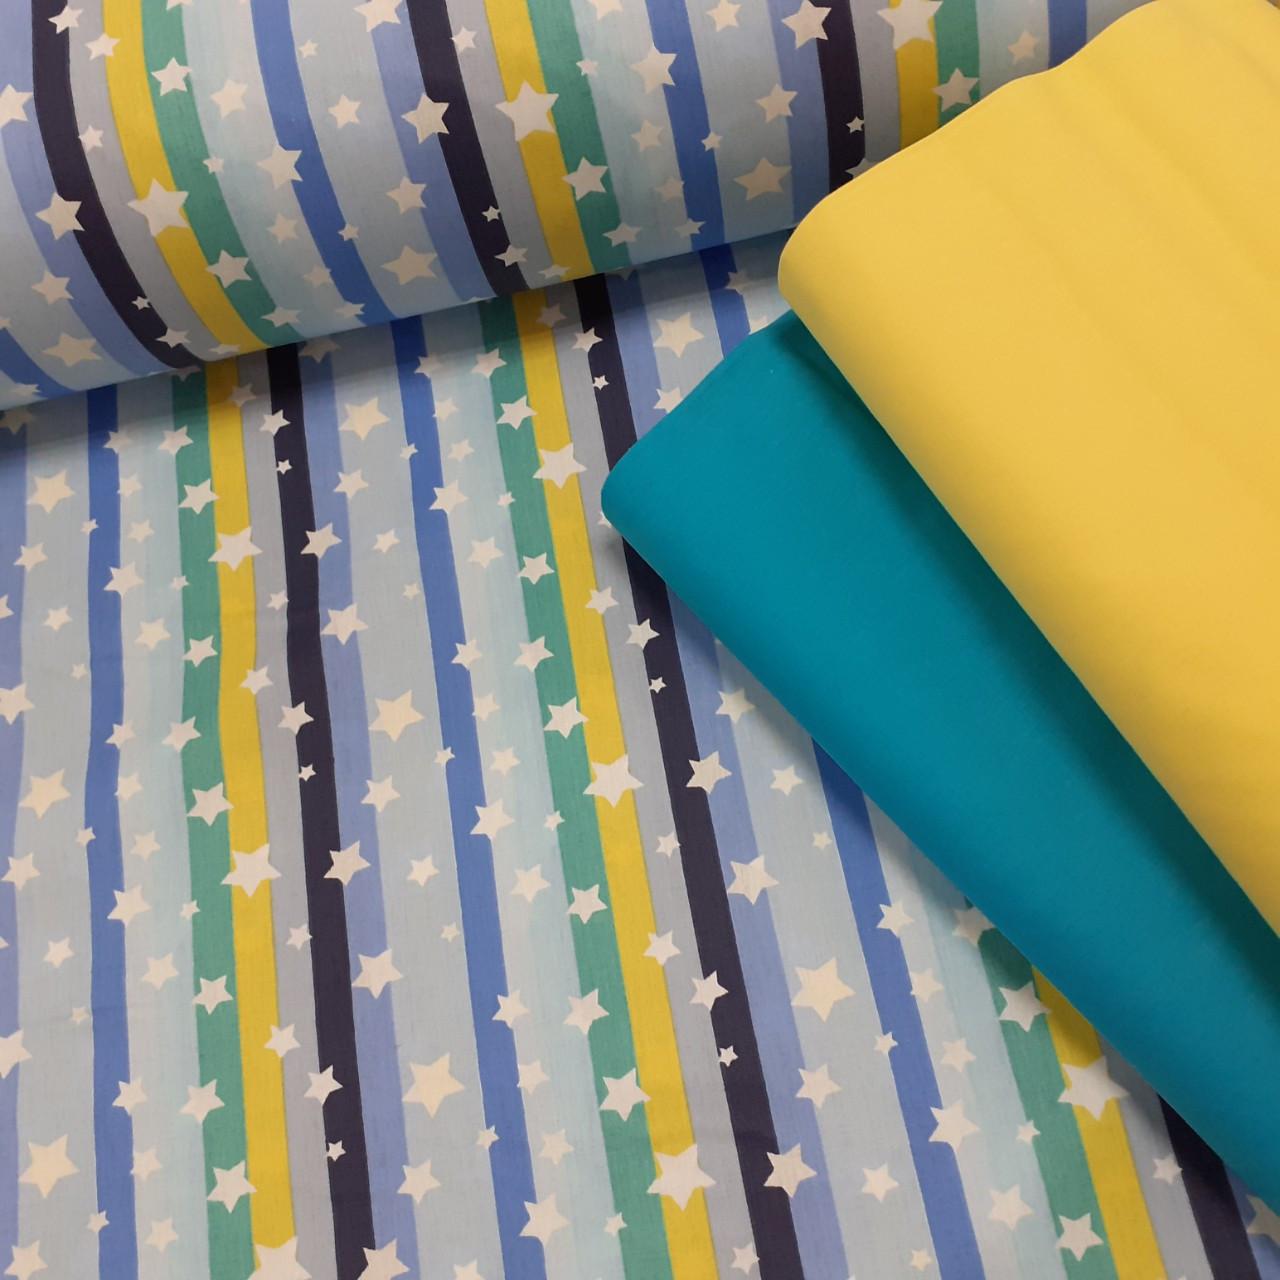 Хлопковая ткань (ТУРЦИЯ шир. 2,4 м) белые звезды на желто-голубых и синих полосках